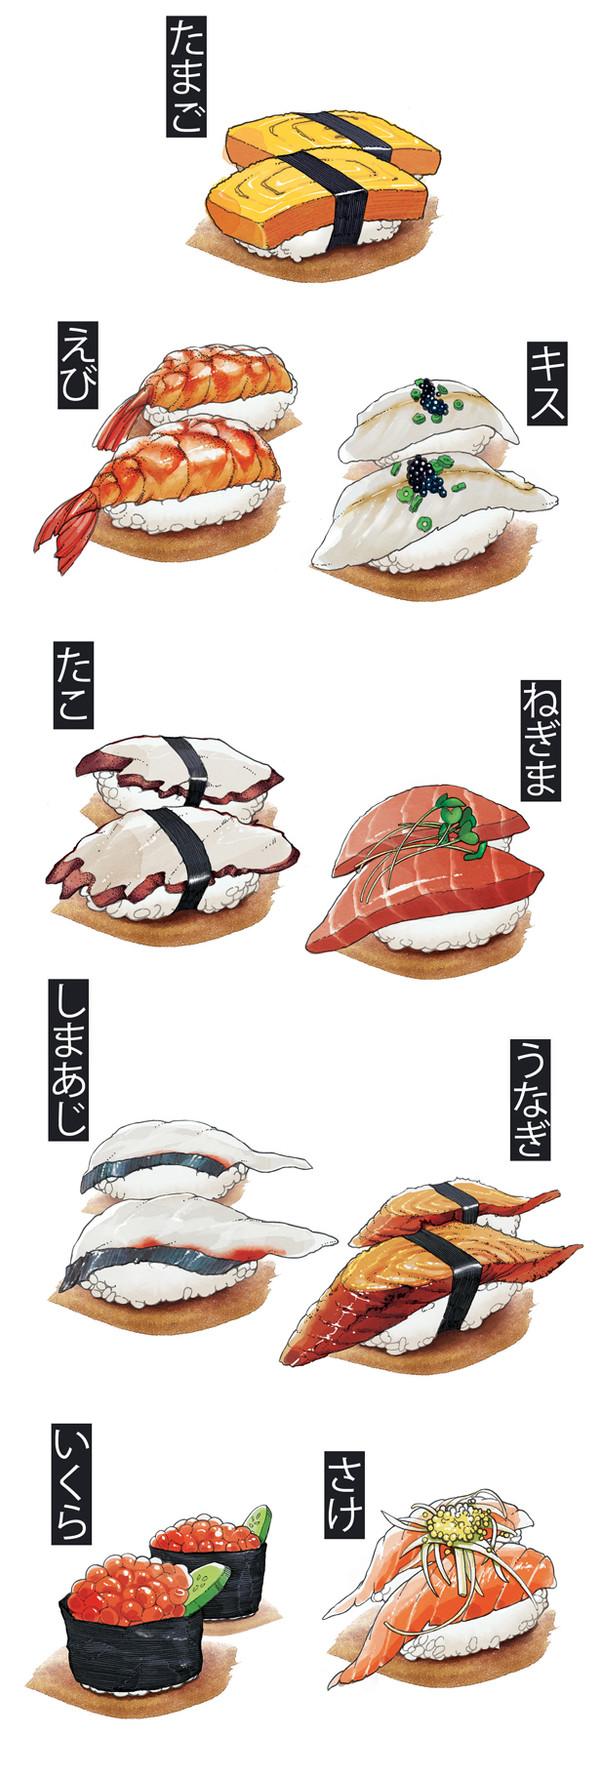 jwh0020_sushi_01jpg